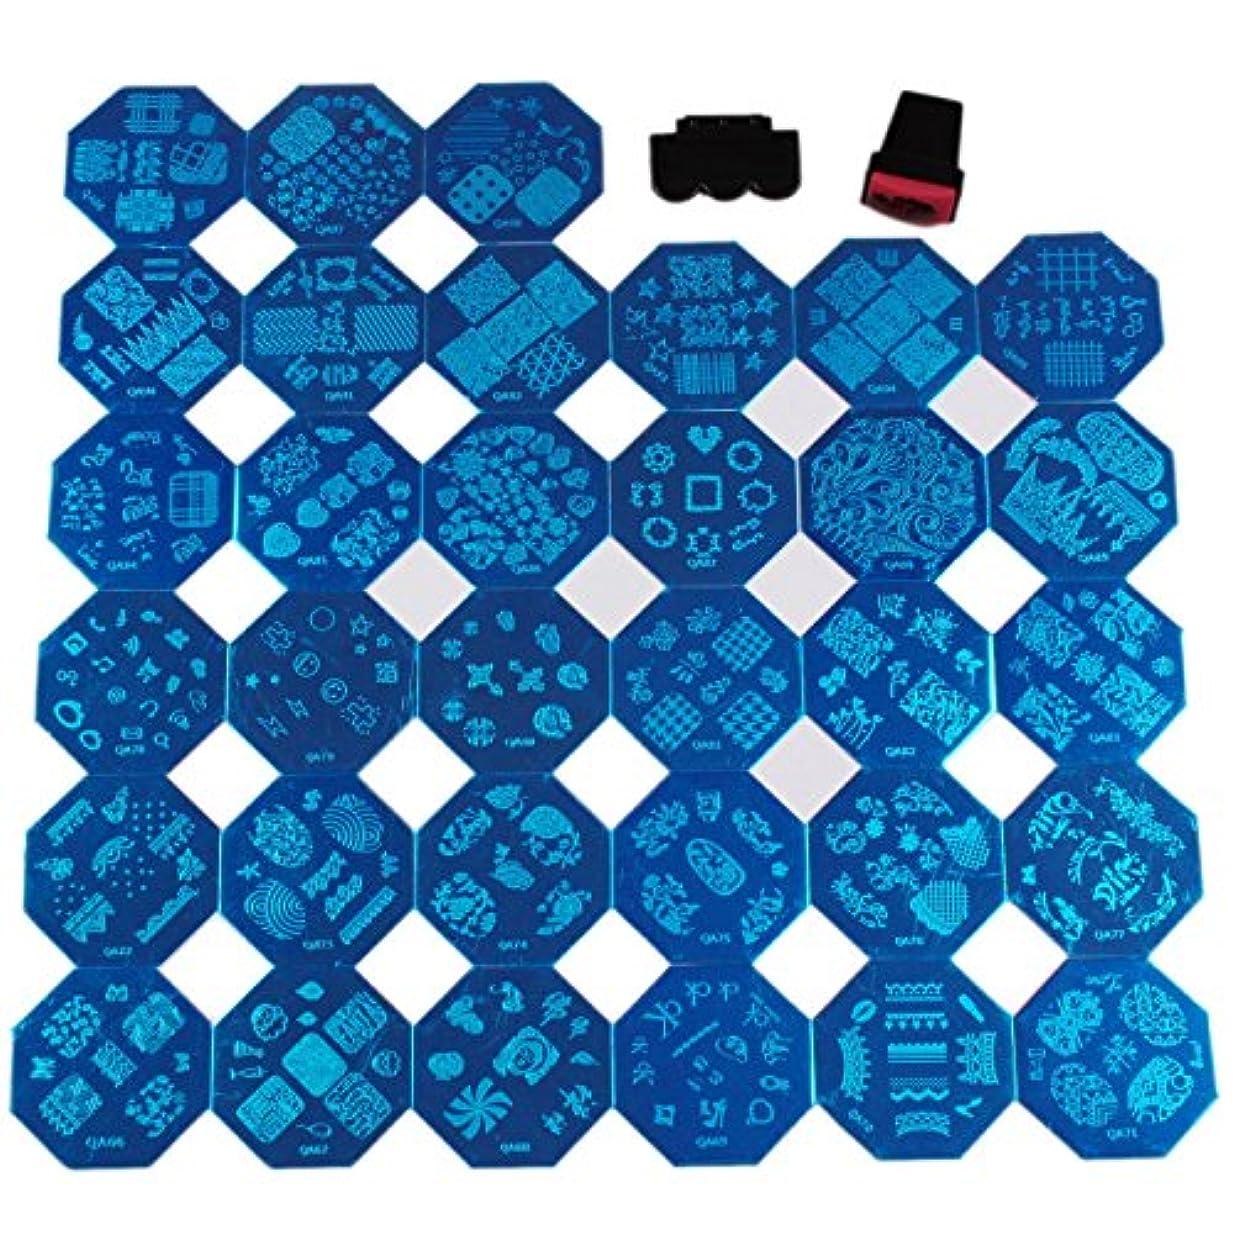 反対したエンディング居心地の良いFingerAngel ネイルイメージプレートセット 八角形ネイルプレート 33枚 スタンプ スクレーパー付き ネイルサロンも自宅も適用なネイルプレート 初心者に簡単に仕上がるネイルアート